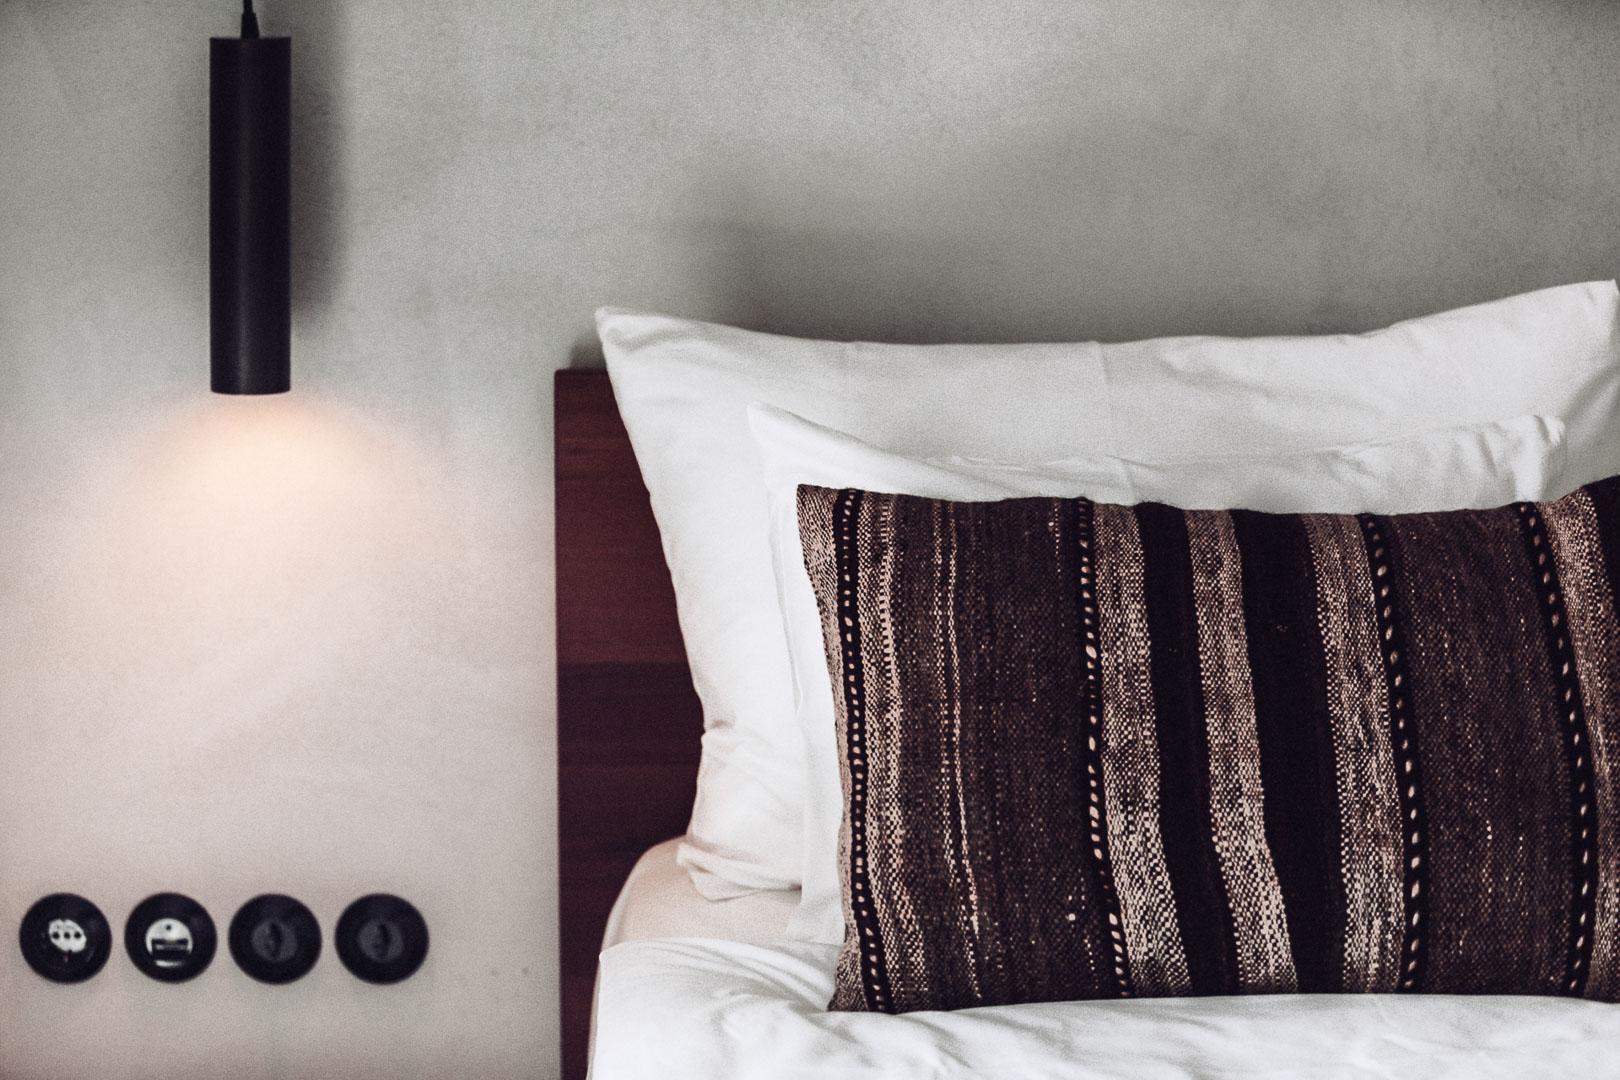 detalle frontal fotografía arquitectura real estate de cabecera cama en el dormitorio del hotel casa cook Ibiza